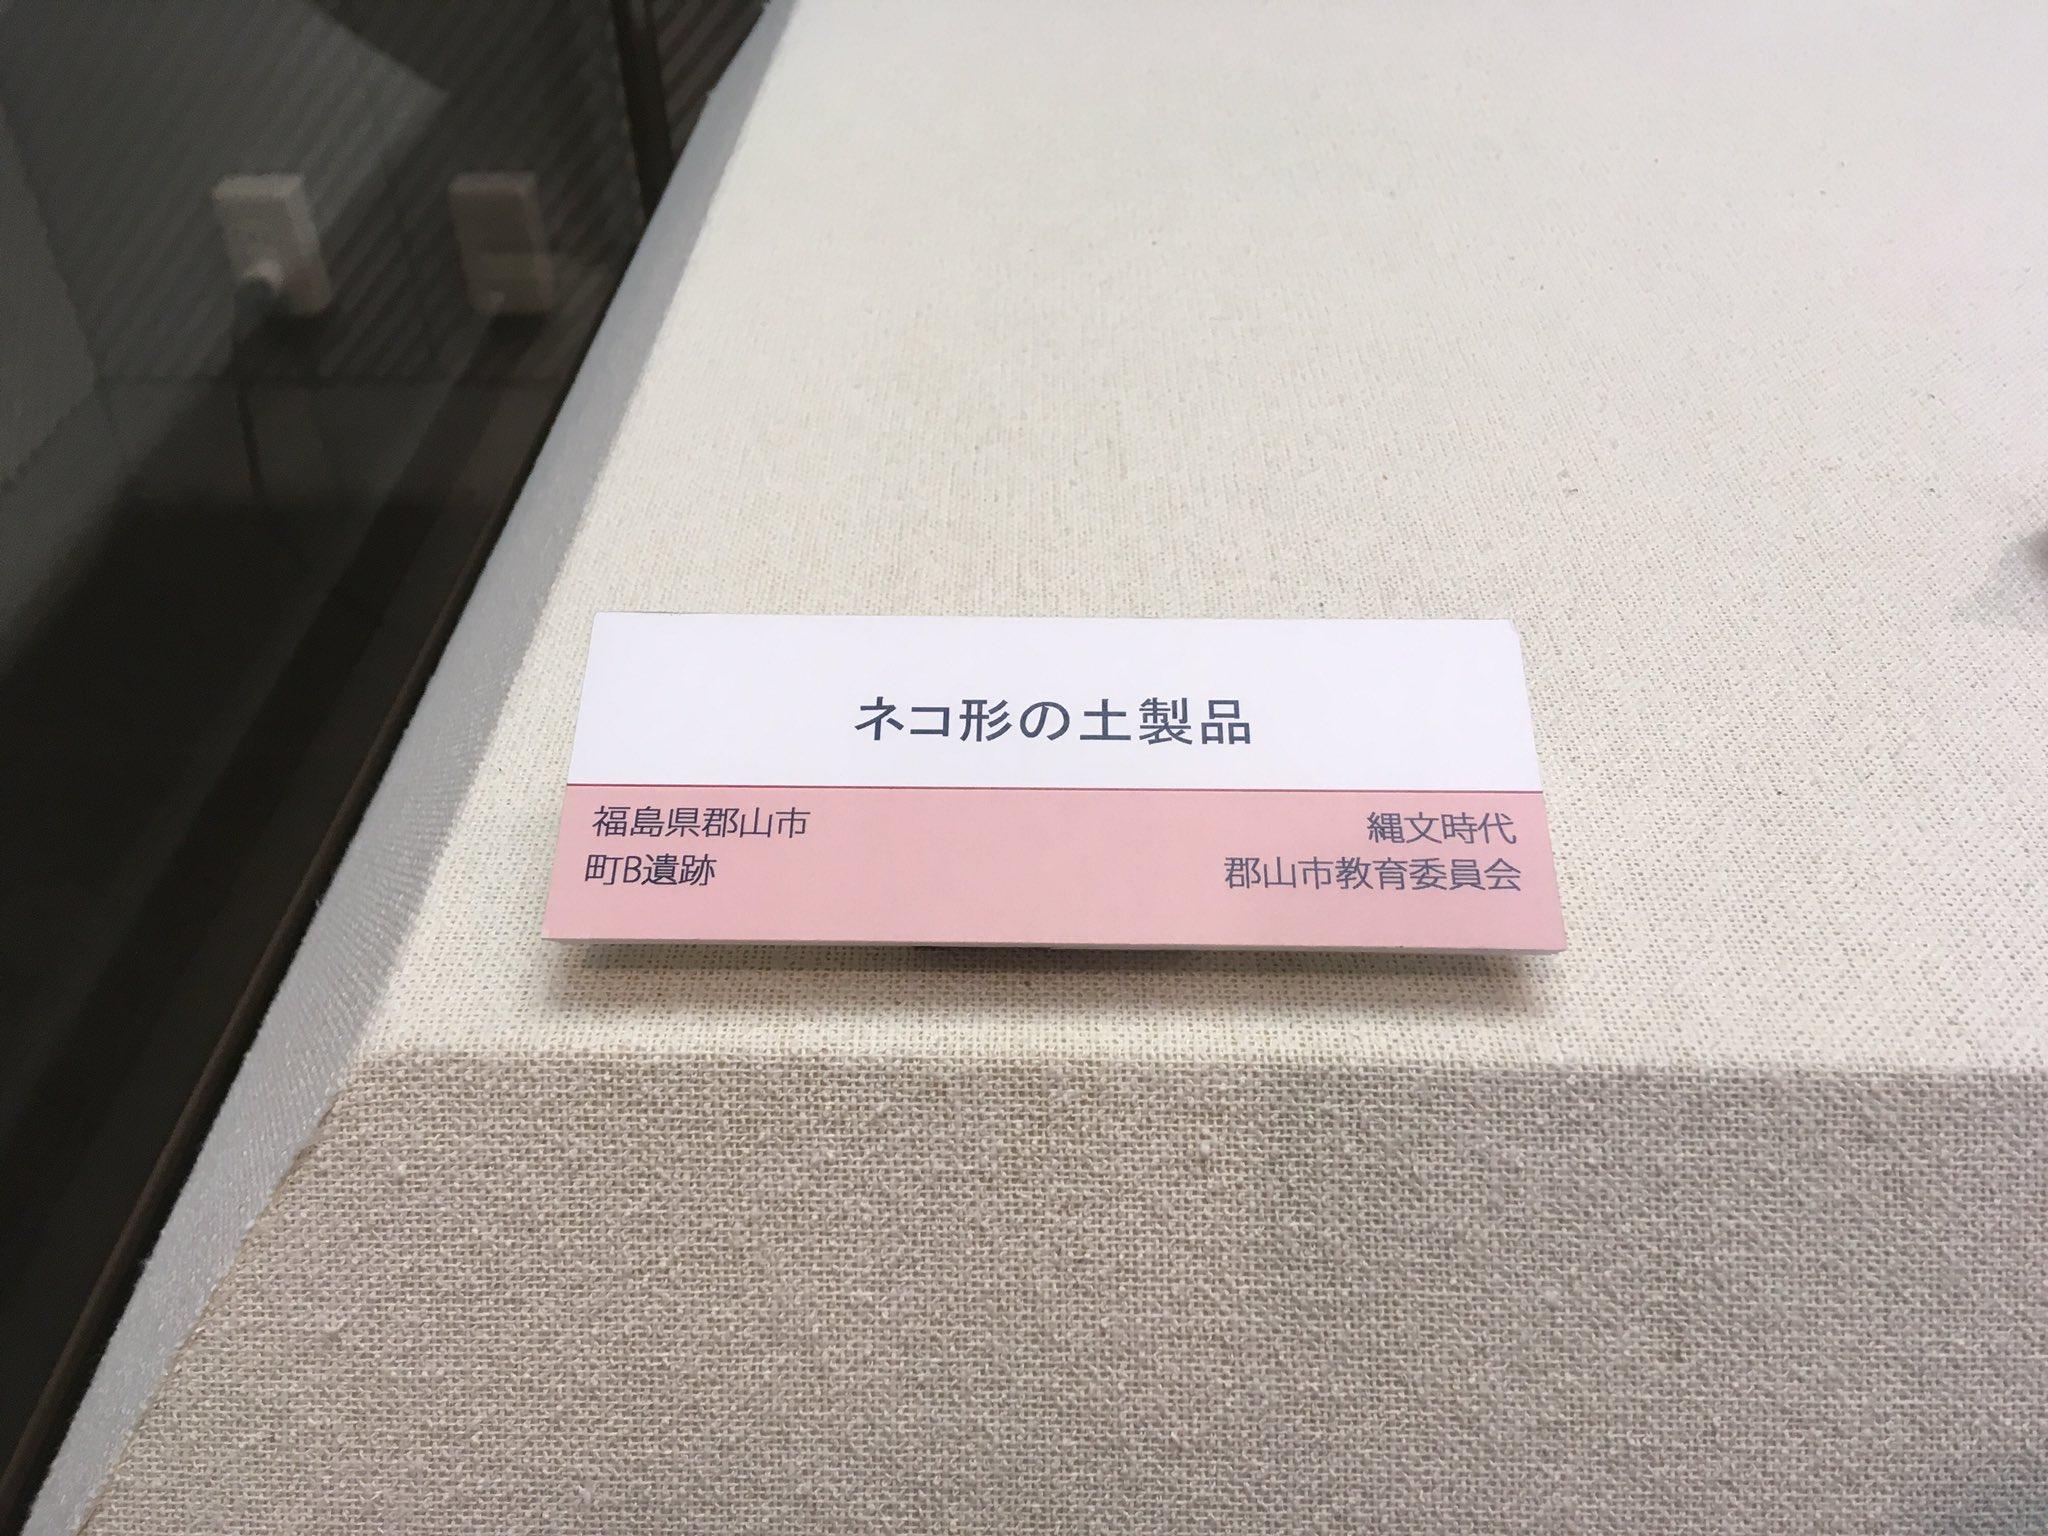 縄文時代の人にもこんな感性が?福島県立博物館に展示されている土製品に思わずほっこりwww